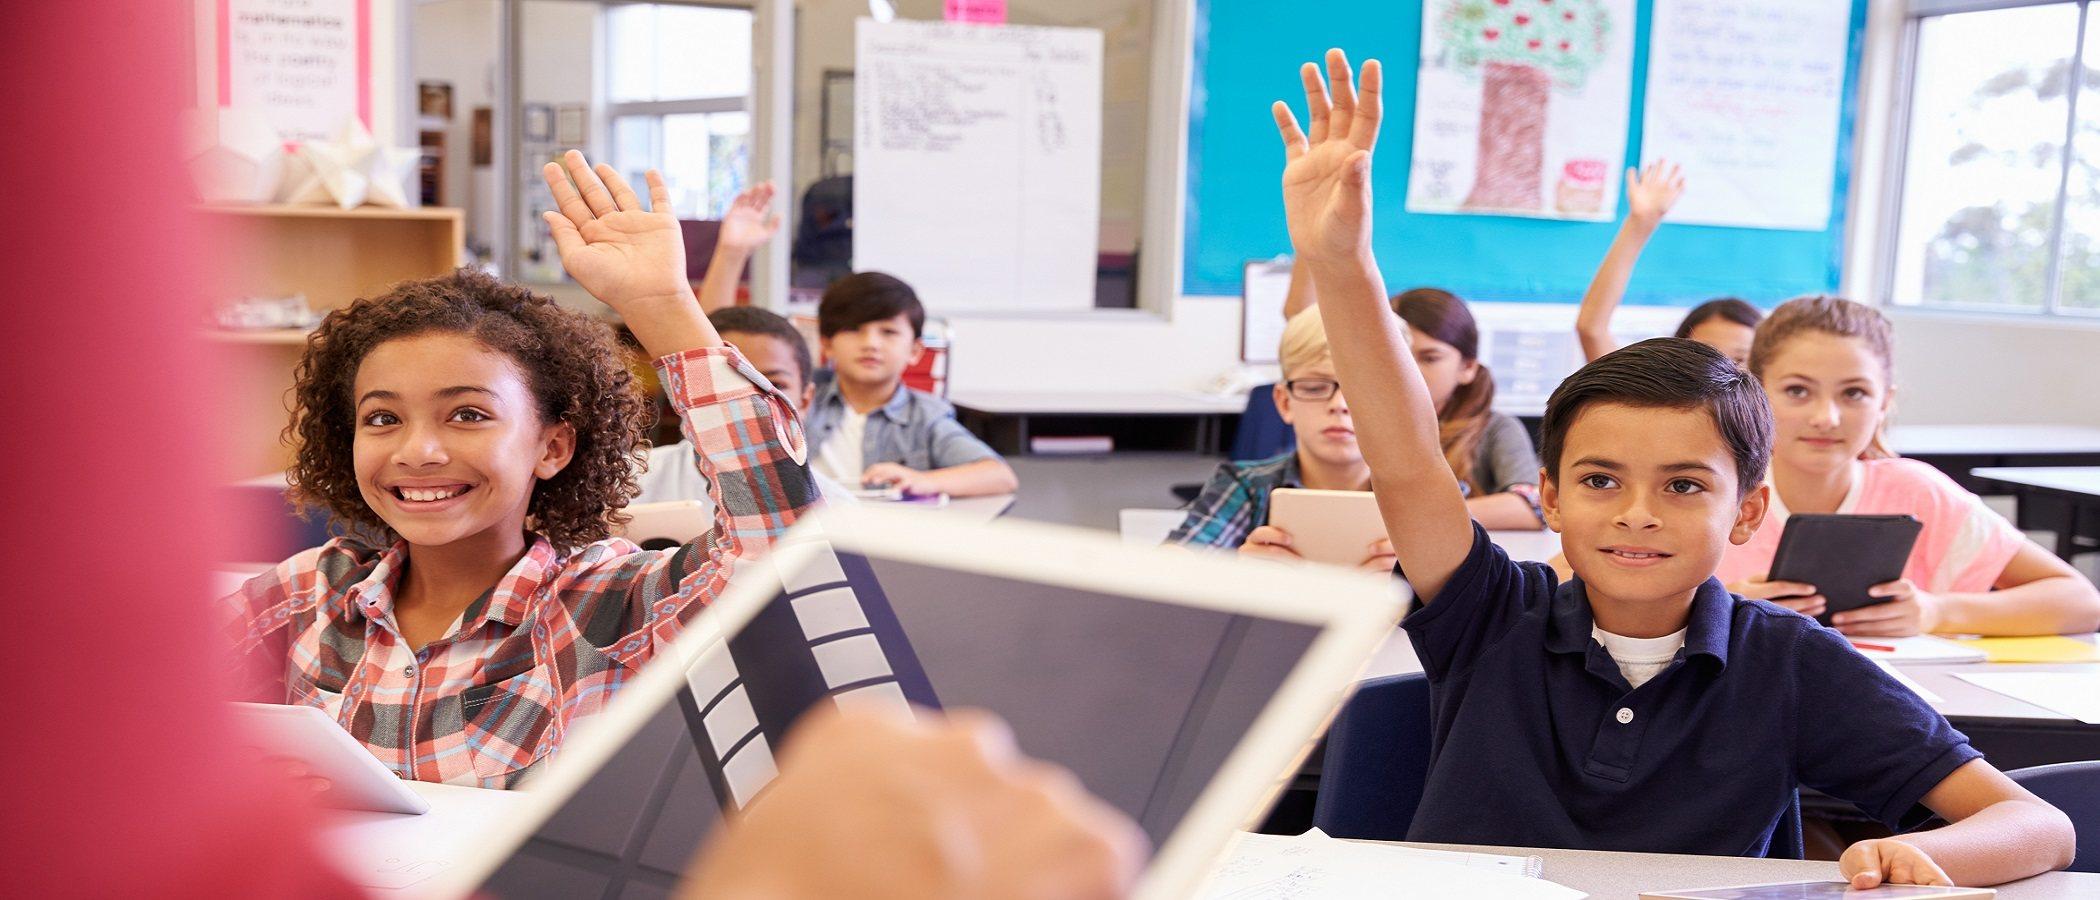 Peligros de introducir la tecnología en las aulas